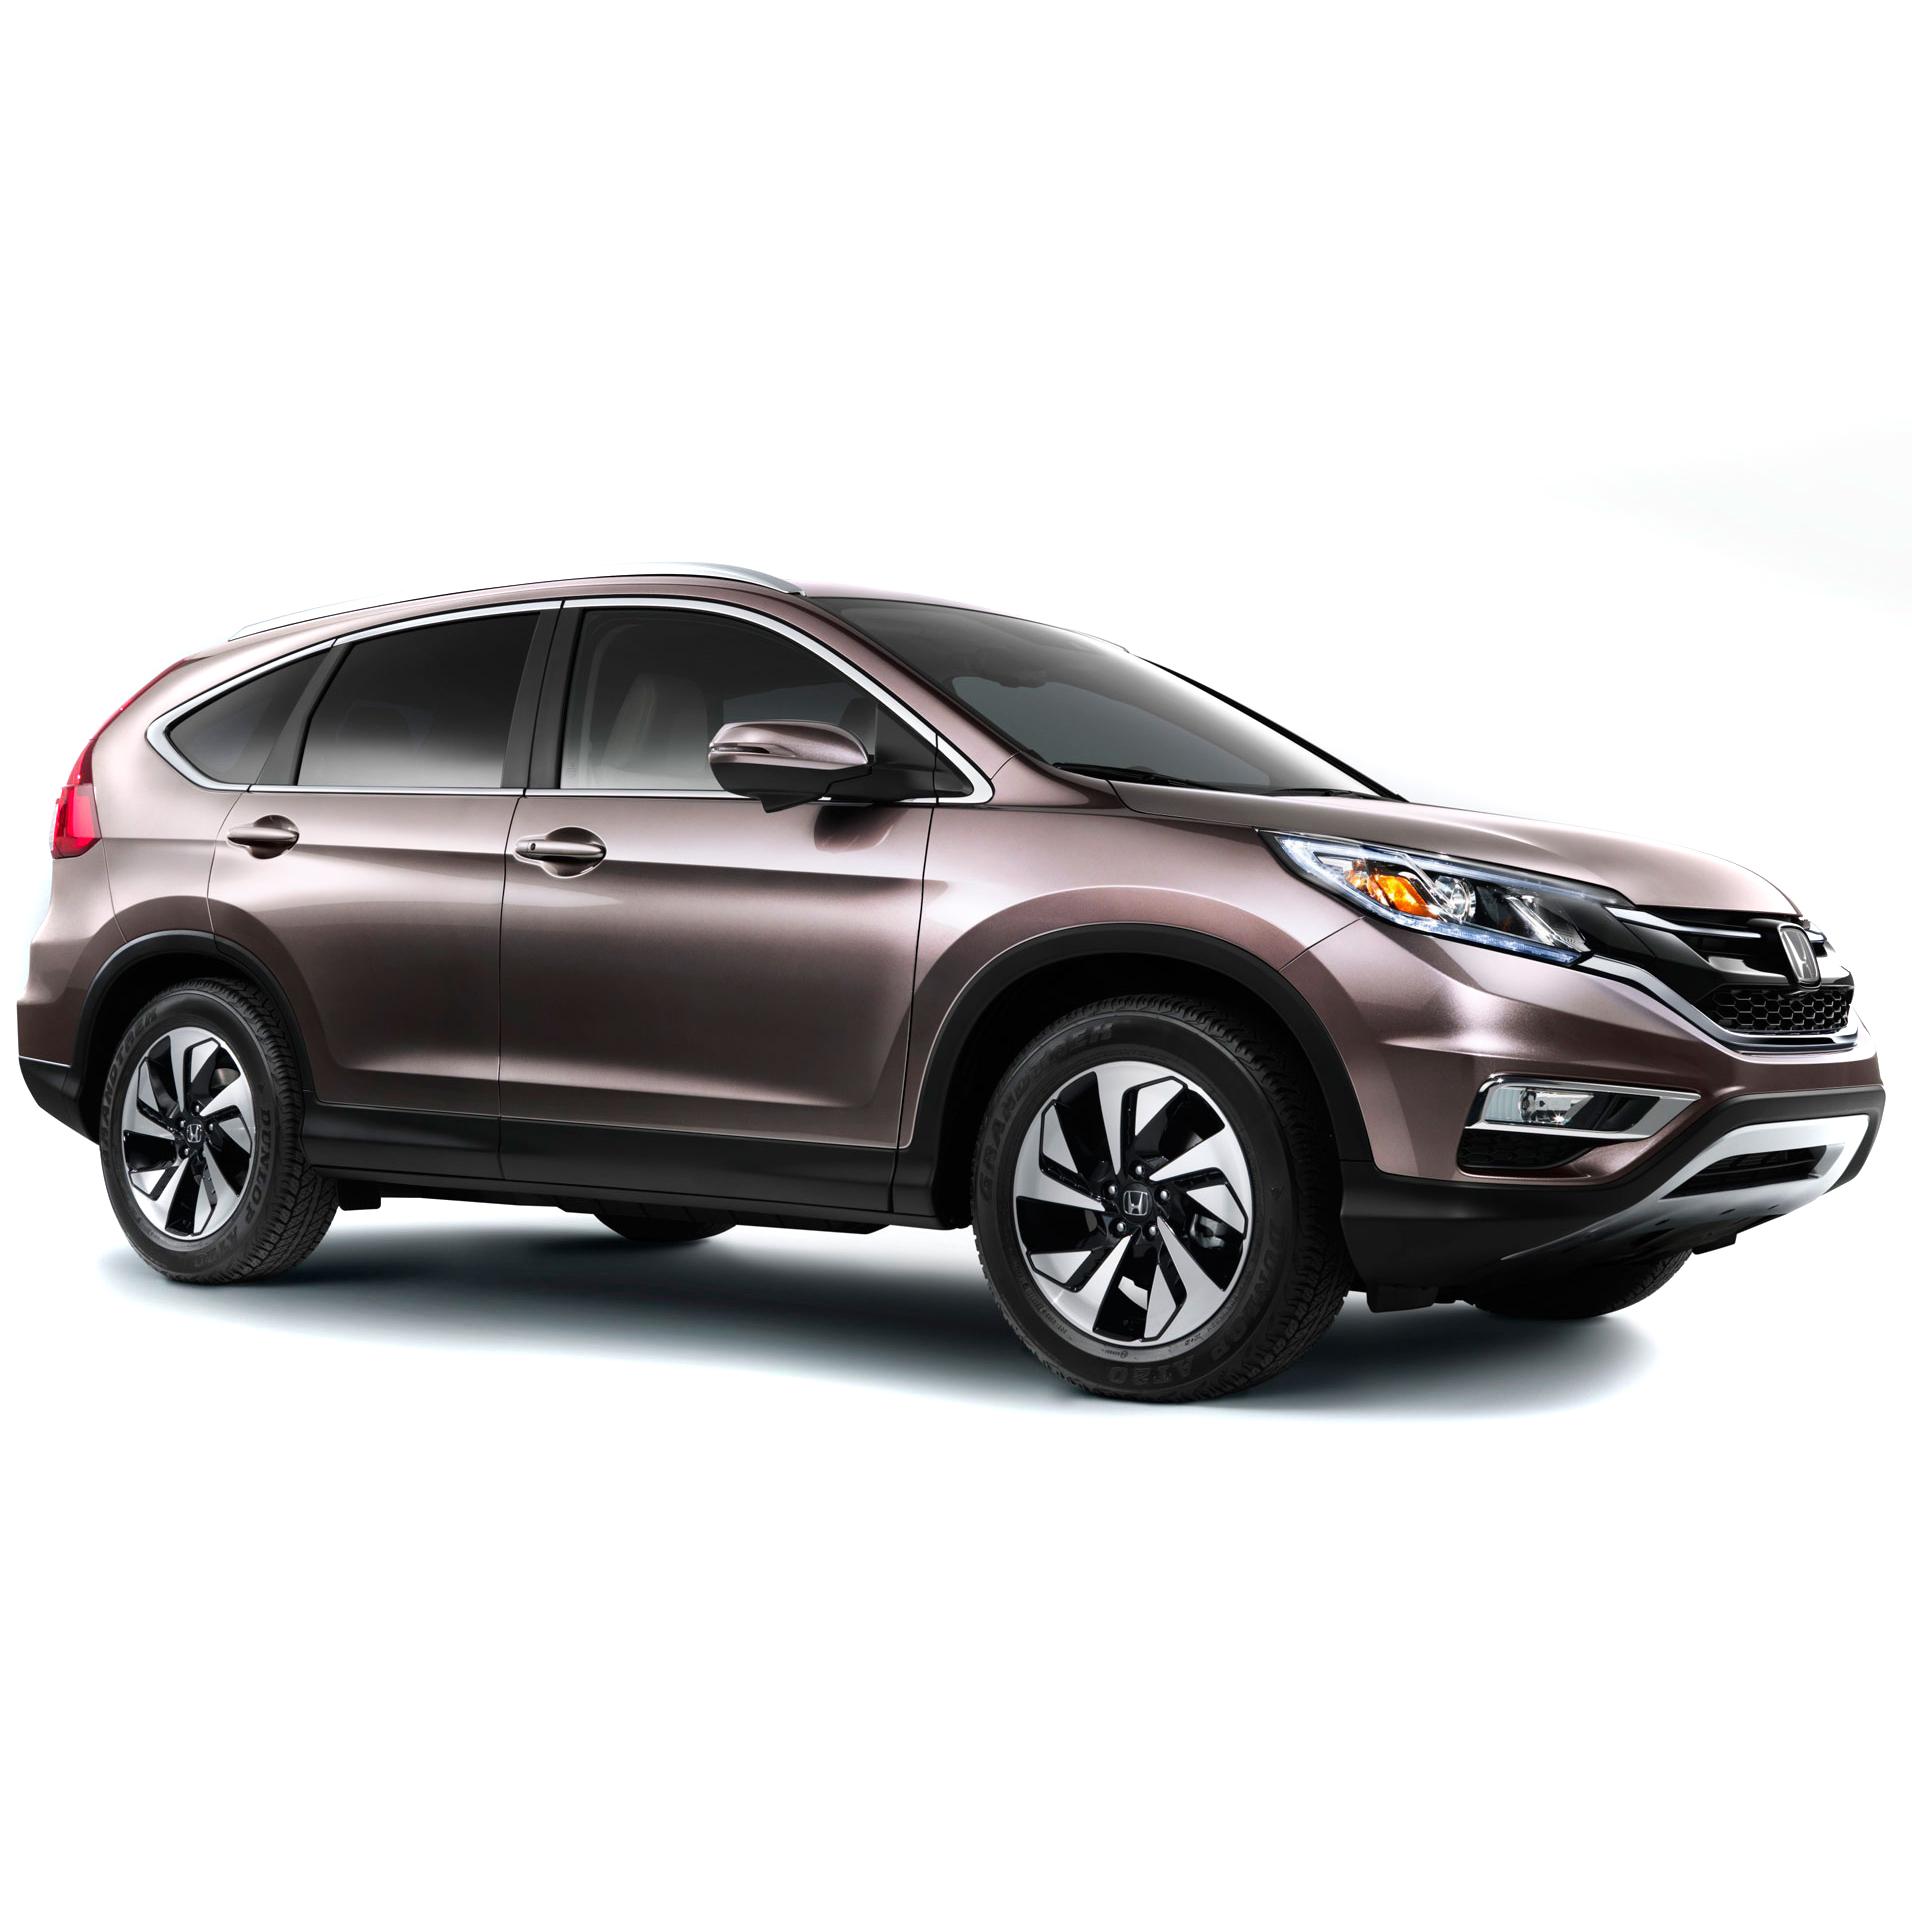 Honda CR-V 2012 - 2018